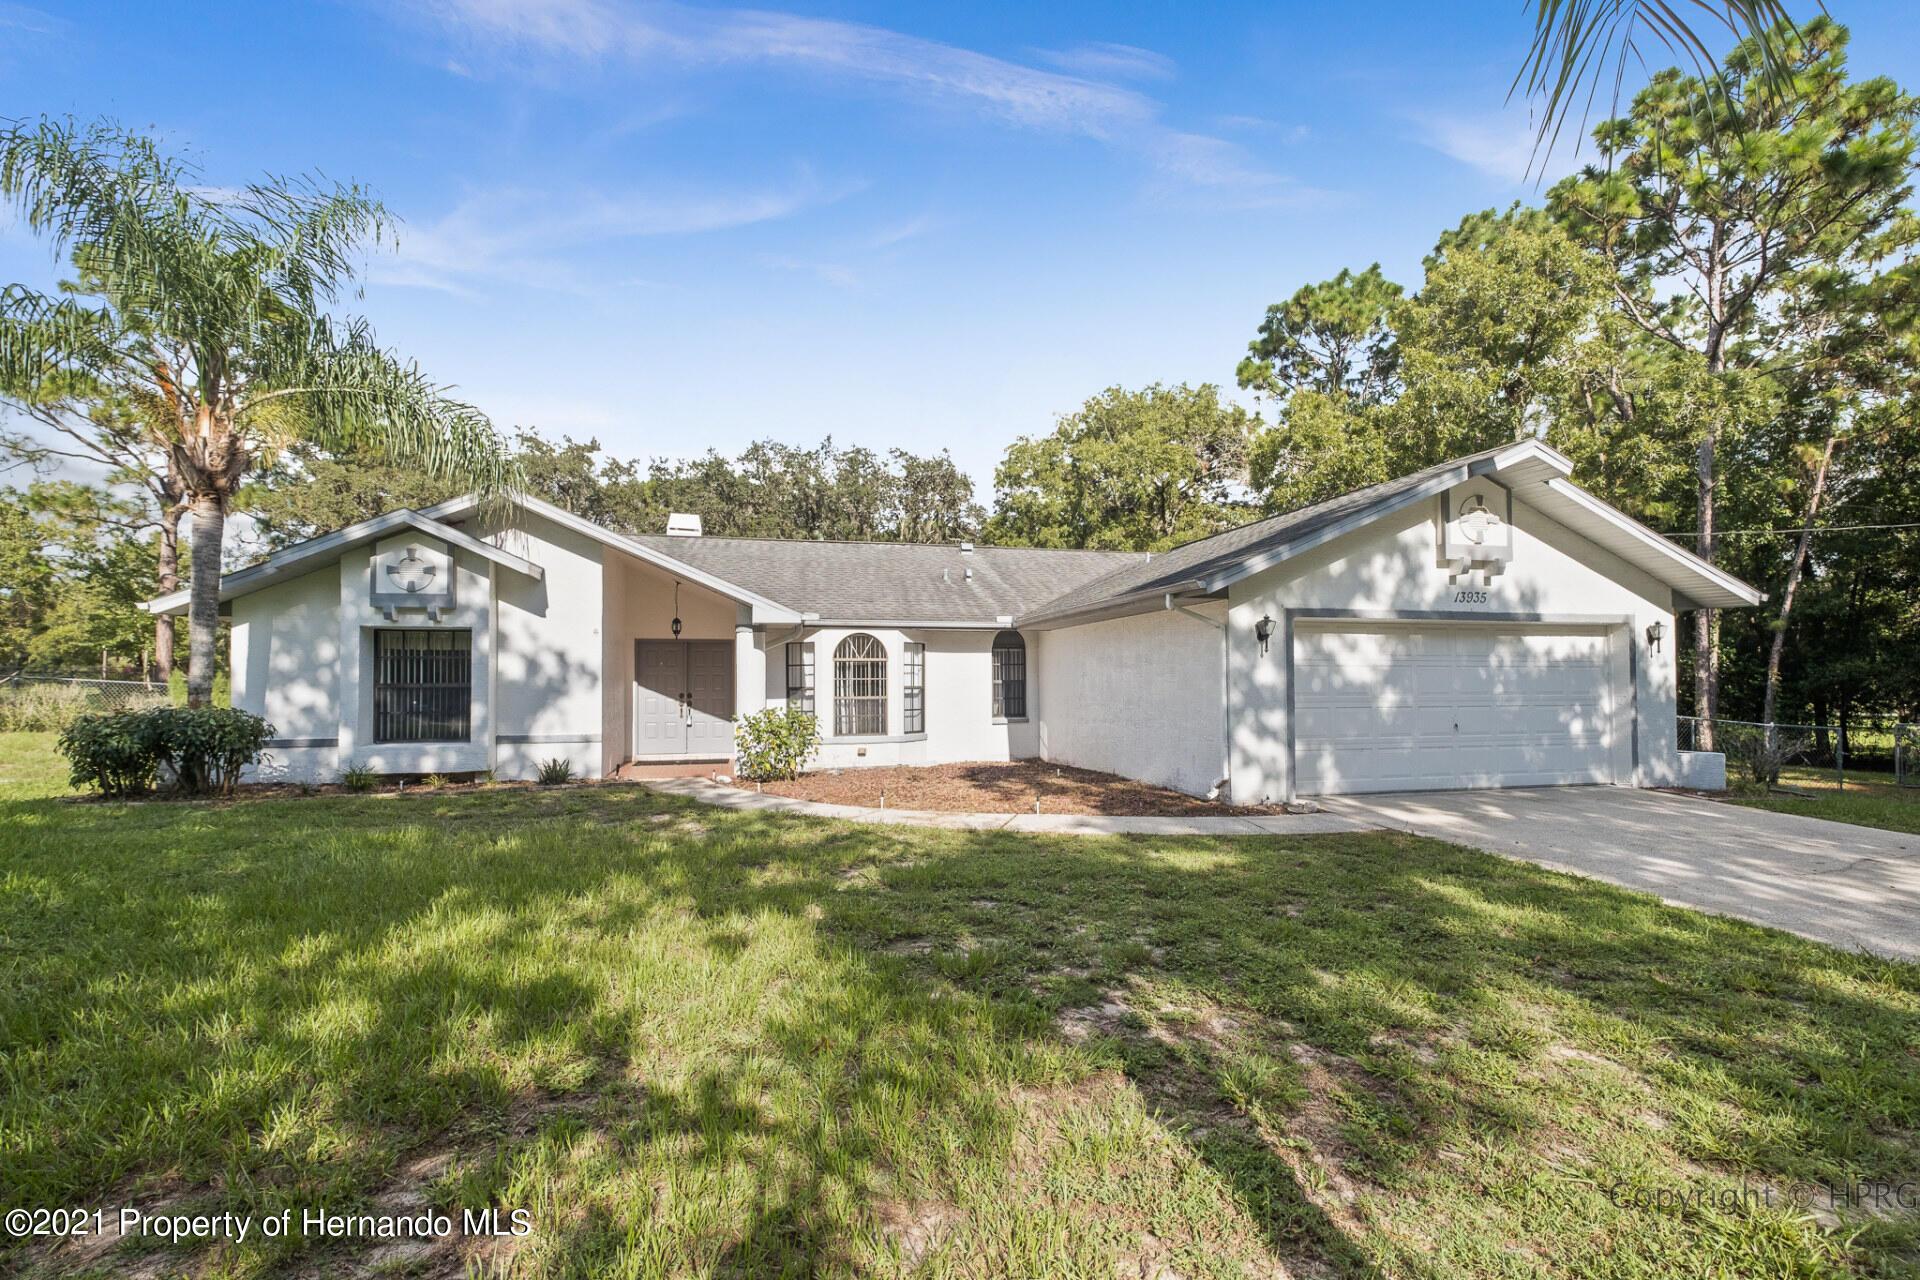 Details for 13935 Linden Drive, Spring Hill, FL 34609